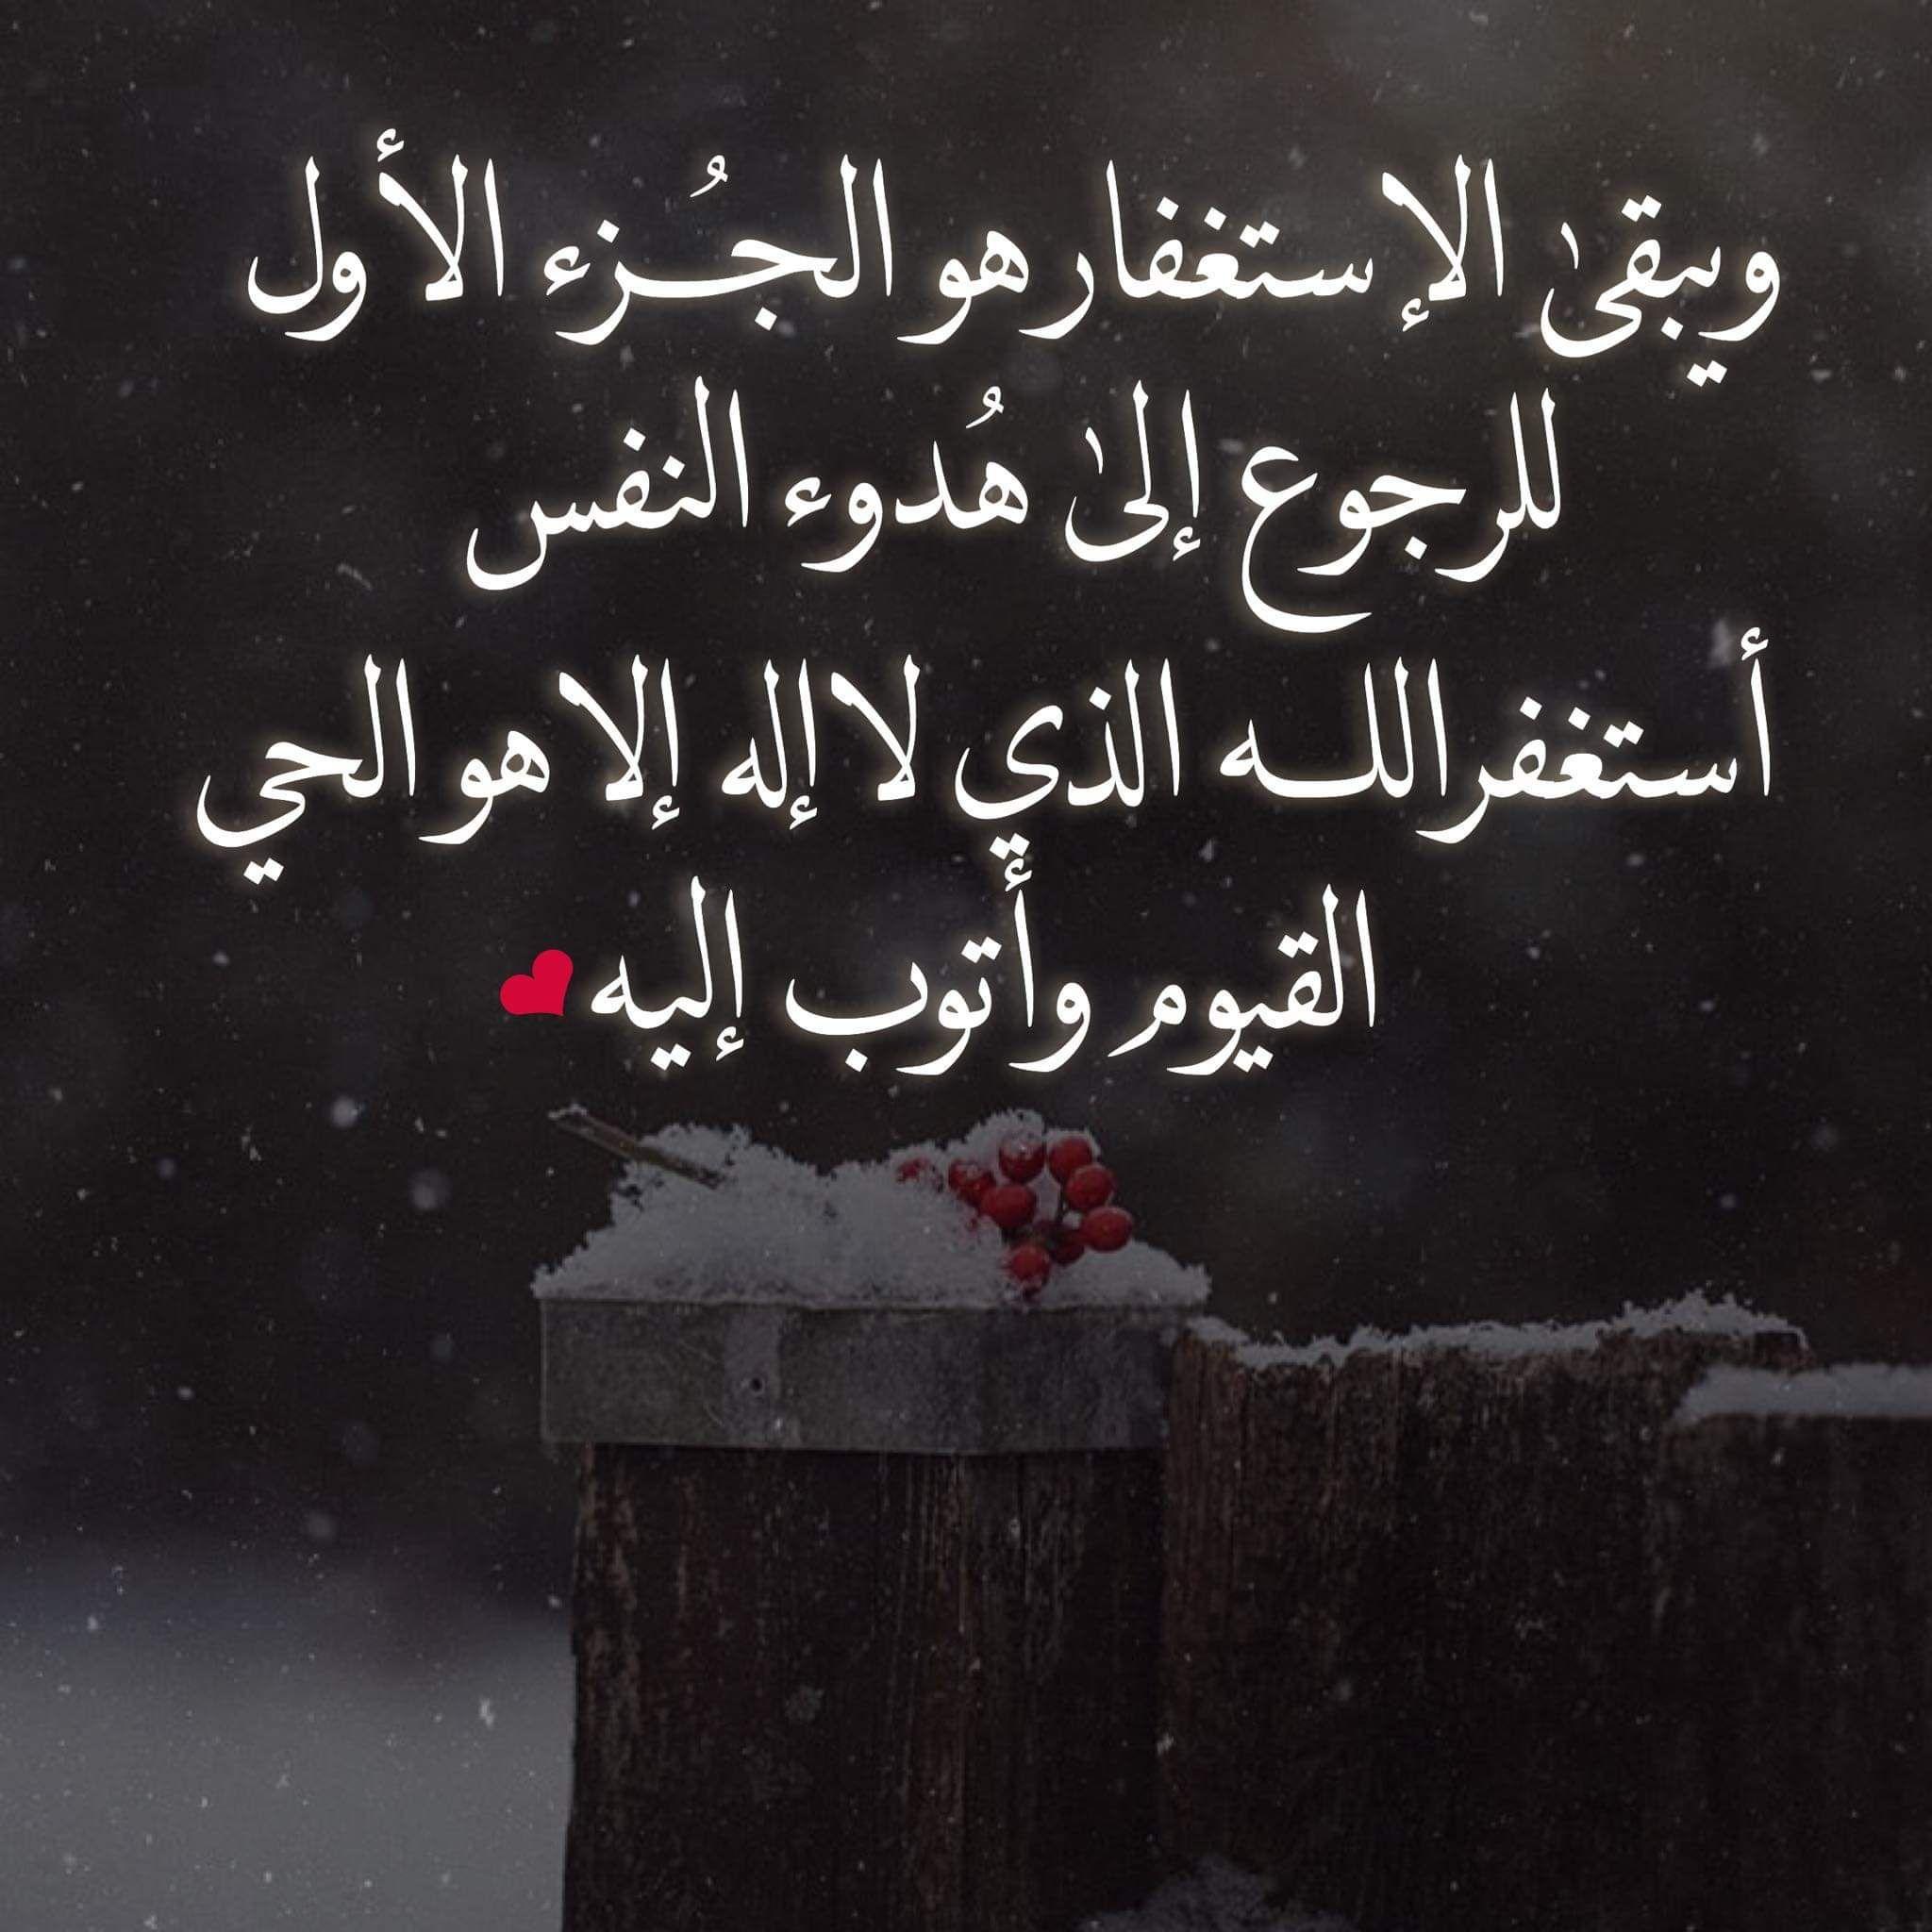 خواطر دينية قصيرة مزخرفة Islamic Wallpaper Chalkboard Quote Art Chalkboard Quotes